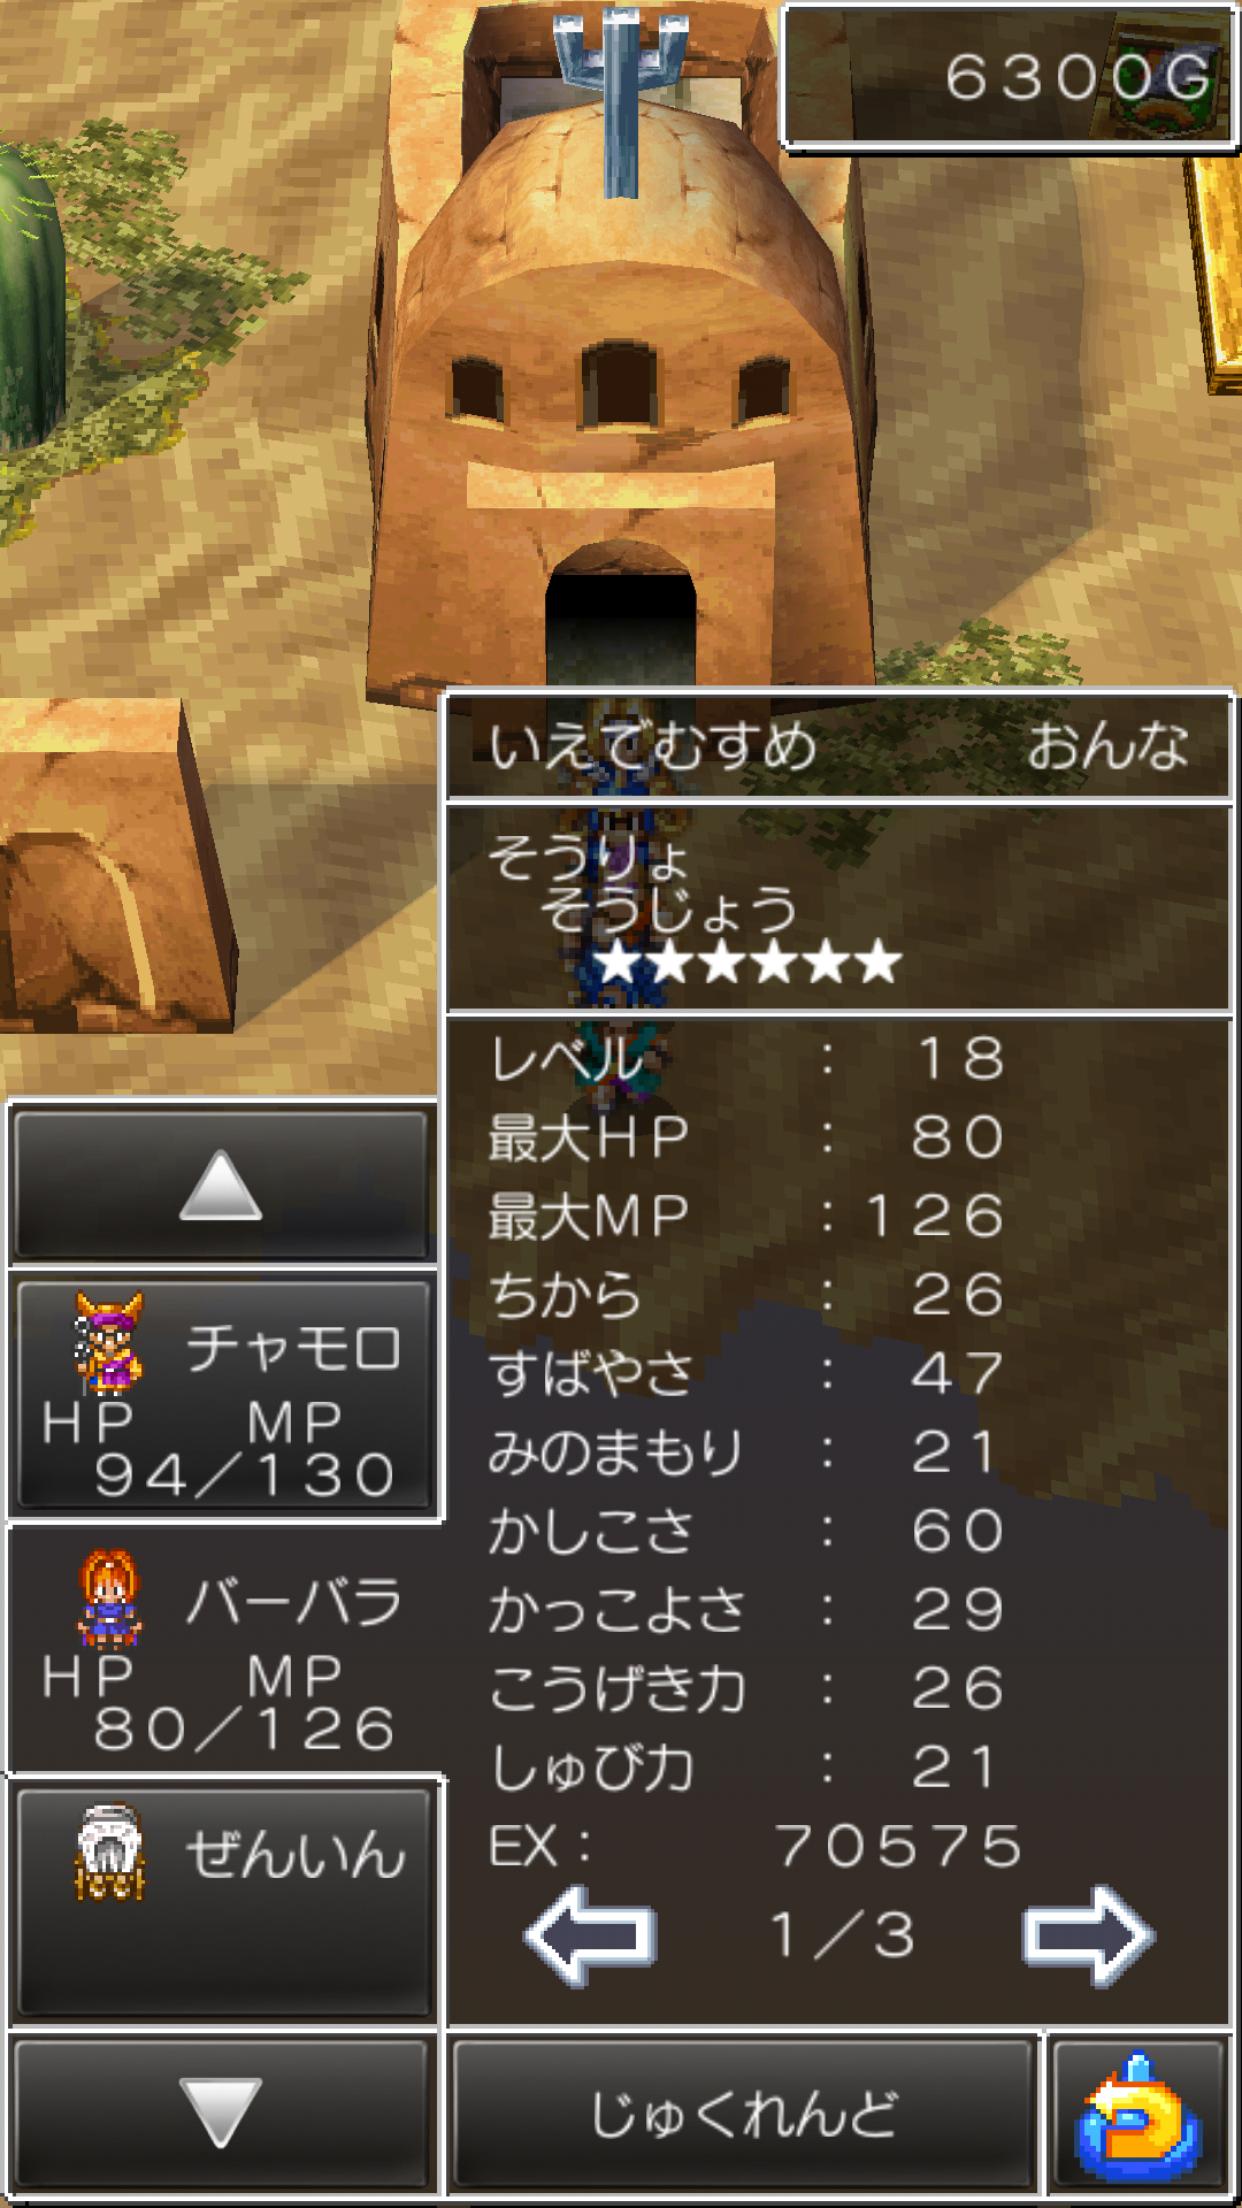 f:id:masanori-kato1972:20190520185126p:image